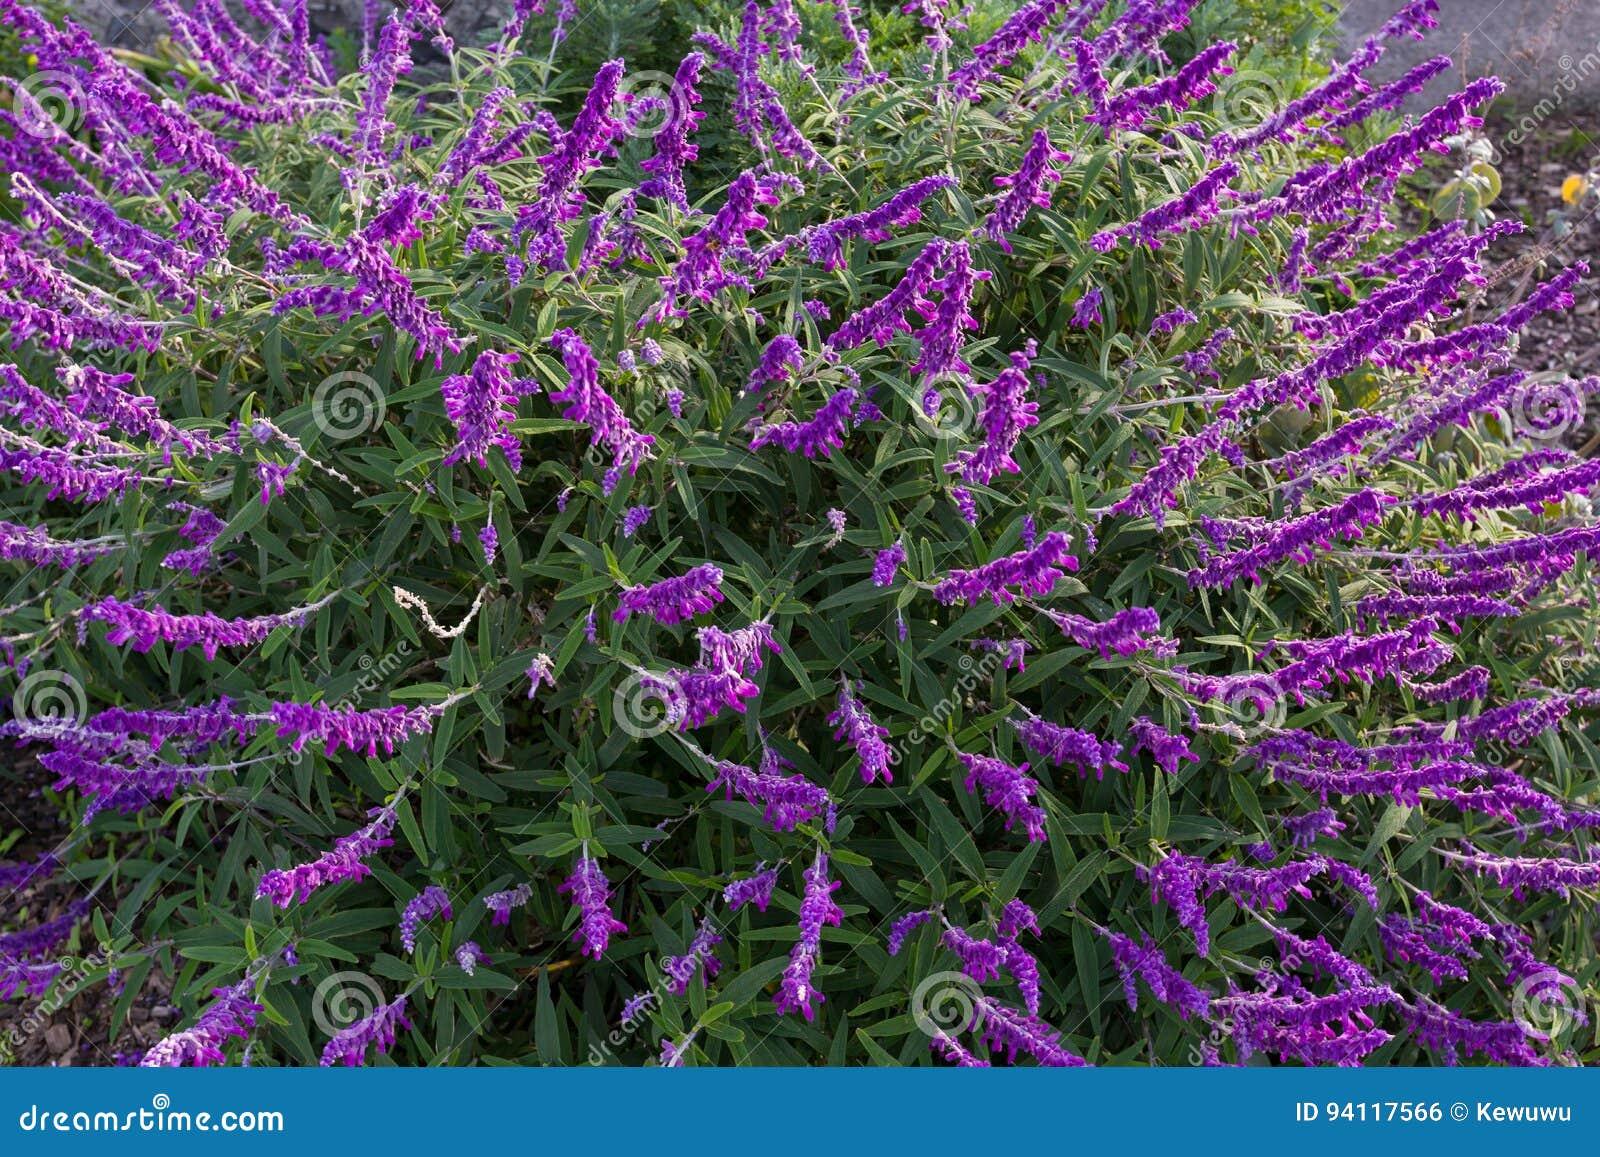 Flores Sabias Del Arbusto Mexicano En Sombra Purpura En El Jardin En - Flores-de-sombra